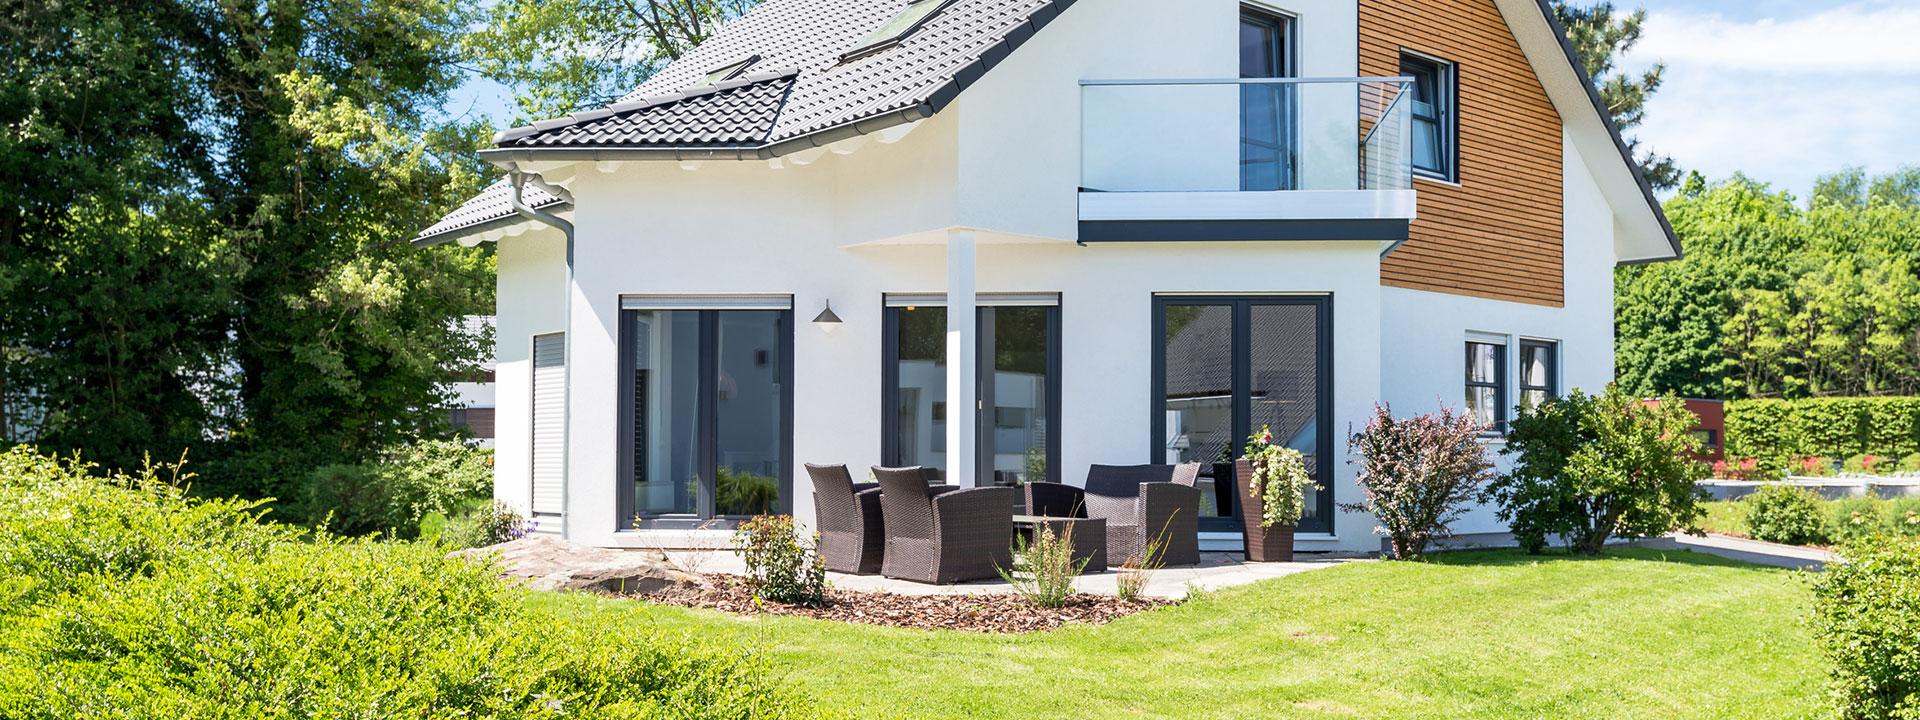 Frank Armbrecht - Immobilien 2.0 - Seesen